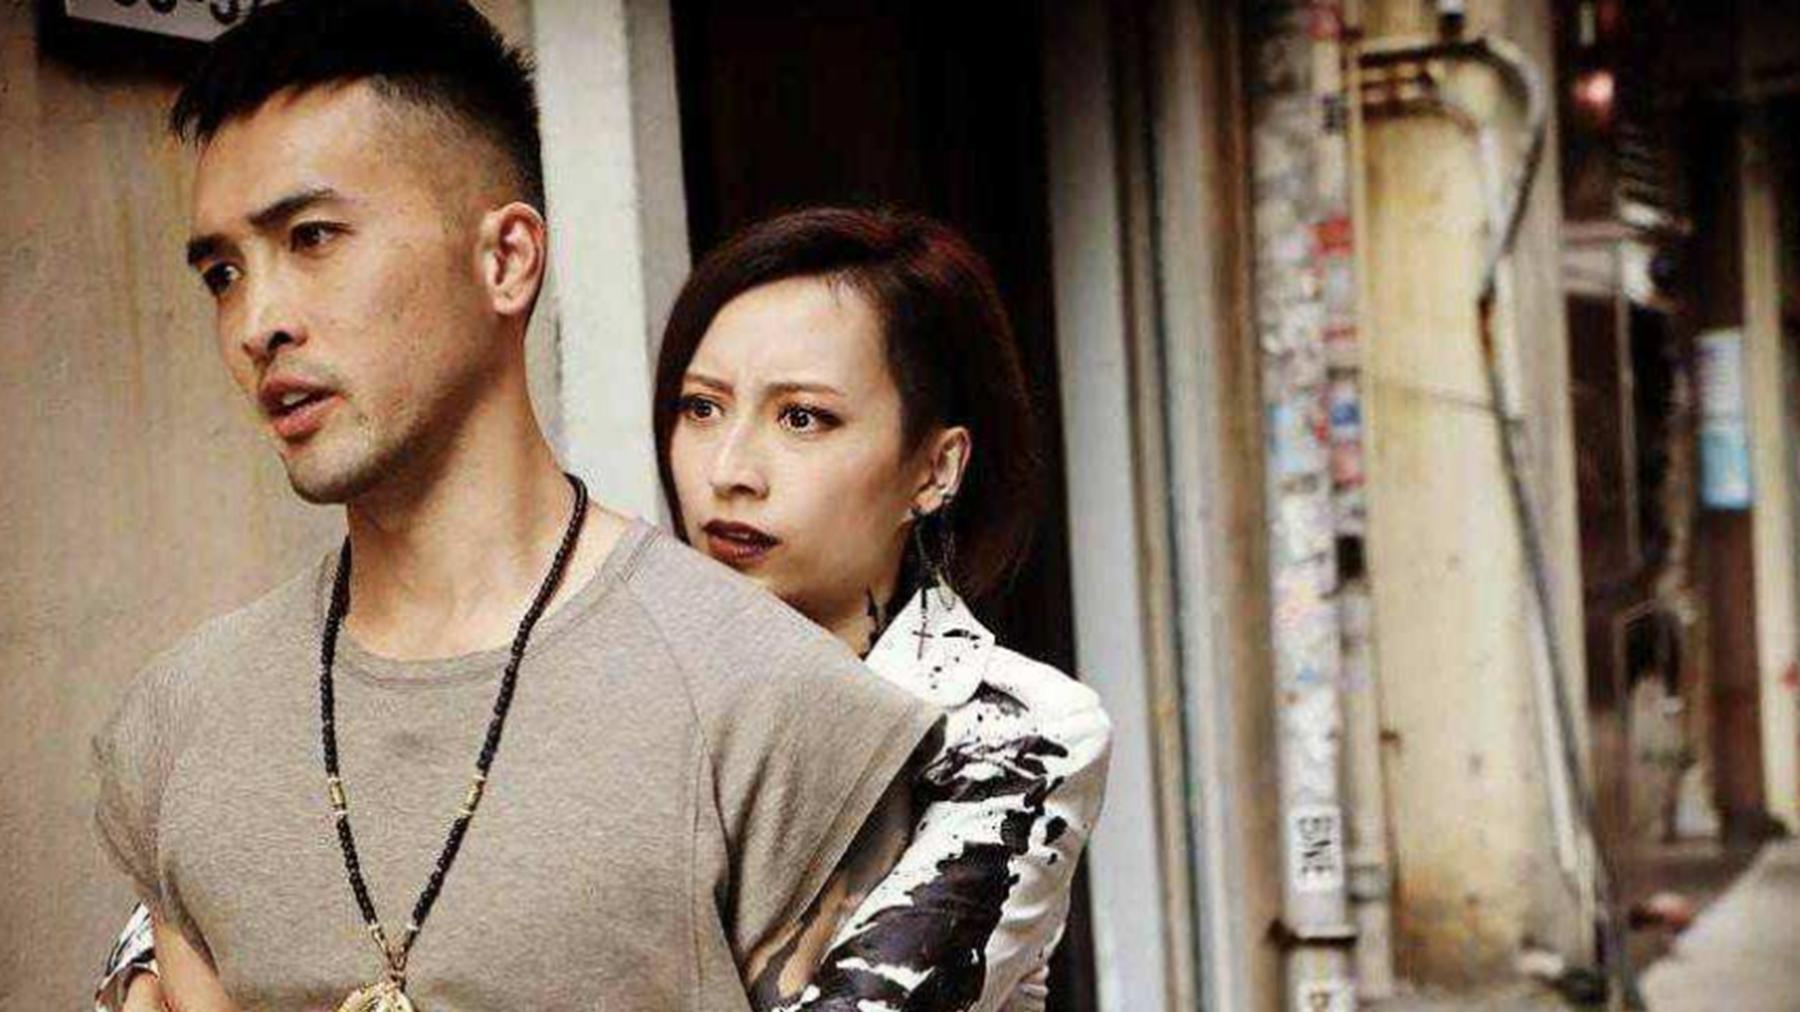 TVB著名男星被曝要做搬运工挣钱帮补收入,是被生活所逼